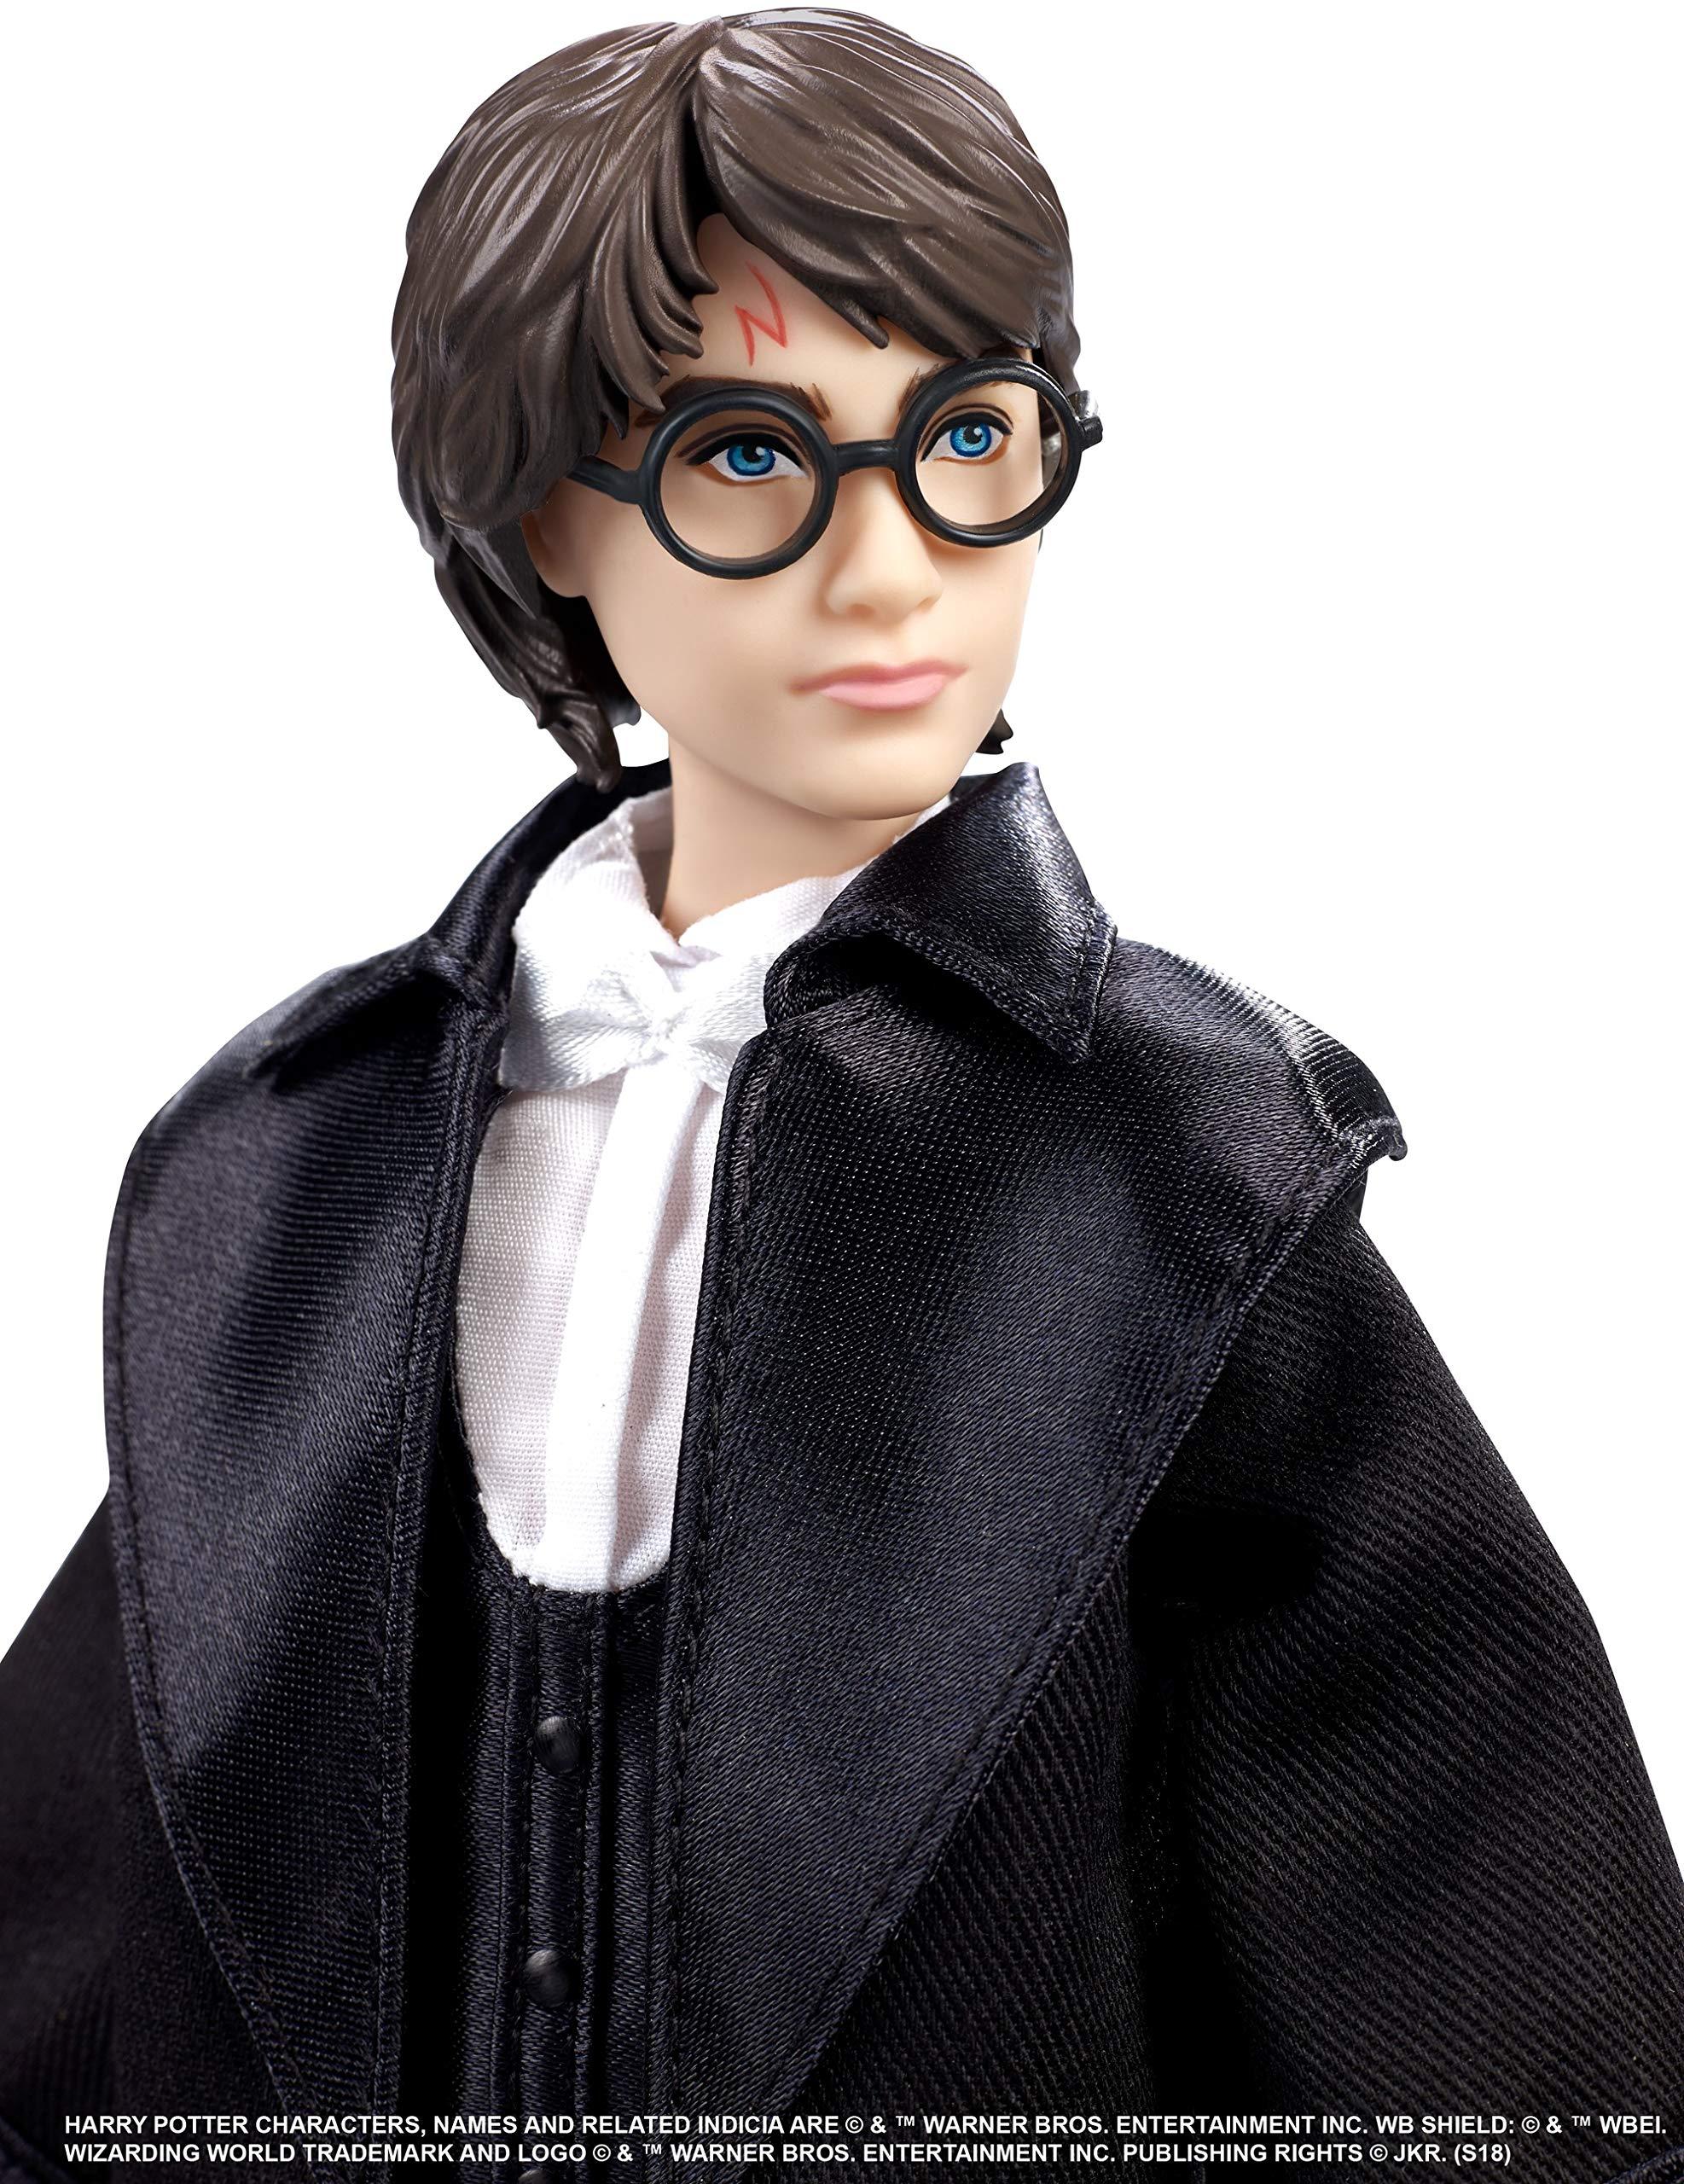 Harry Potter Mu/ñeco Harry Potter Baile de navidad de Harry Potter con accesorios Mattel GFG13